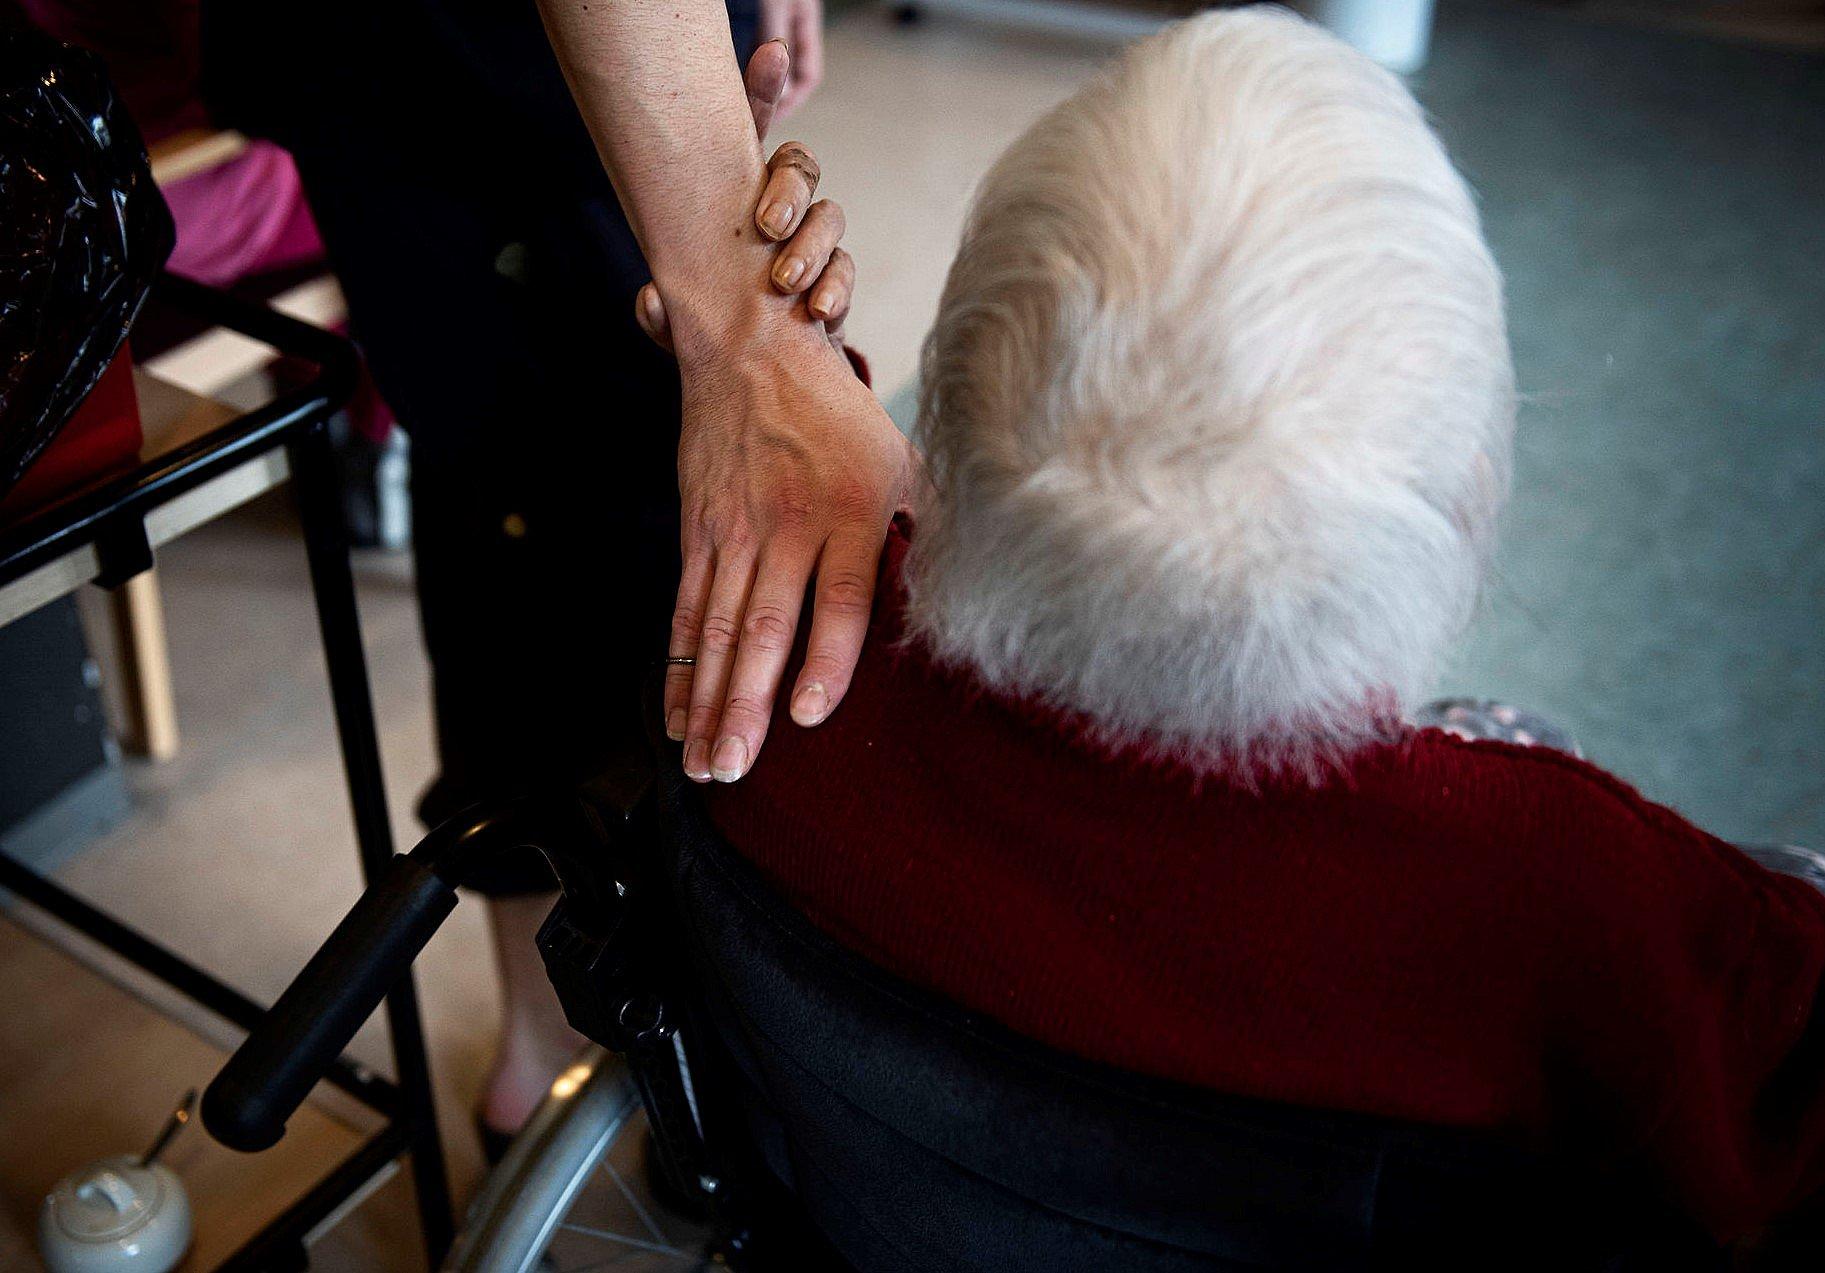 Voldsomt smitteudbrud på plejehjem er klinget af